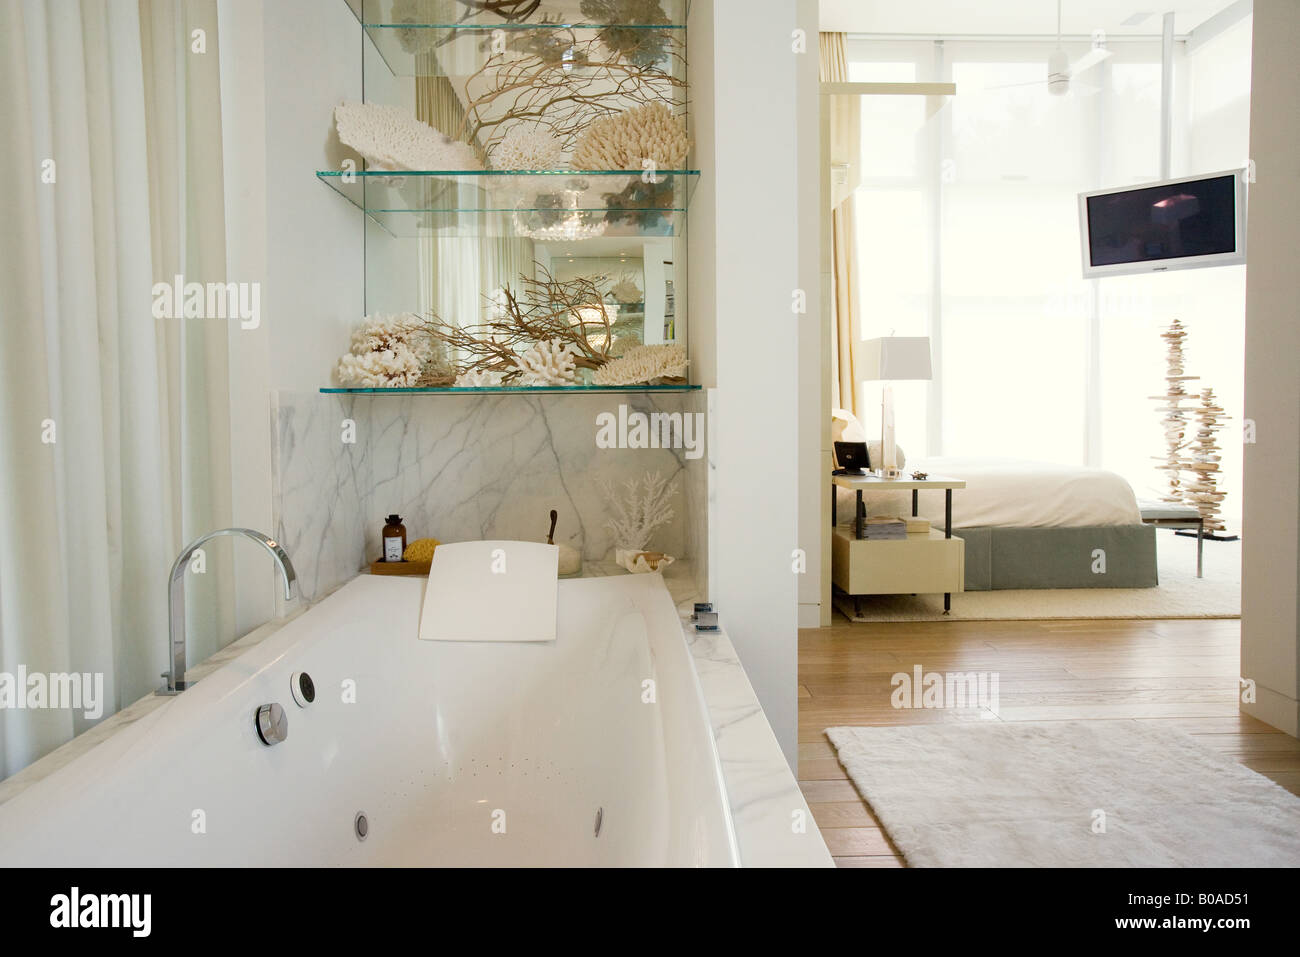 Luxus Hotel-Badezimmer mit großer Badewanne, Schlafzimmer im